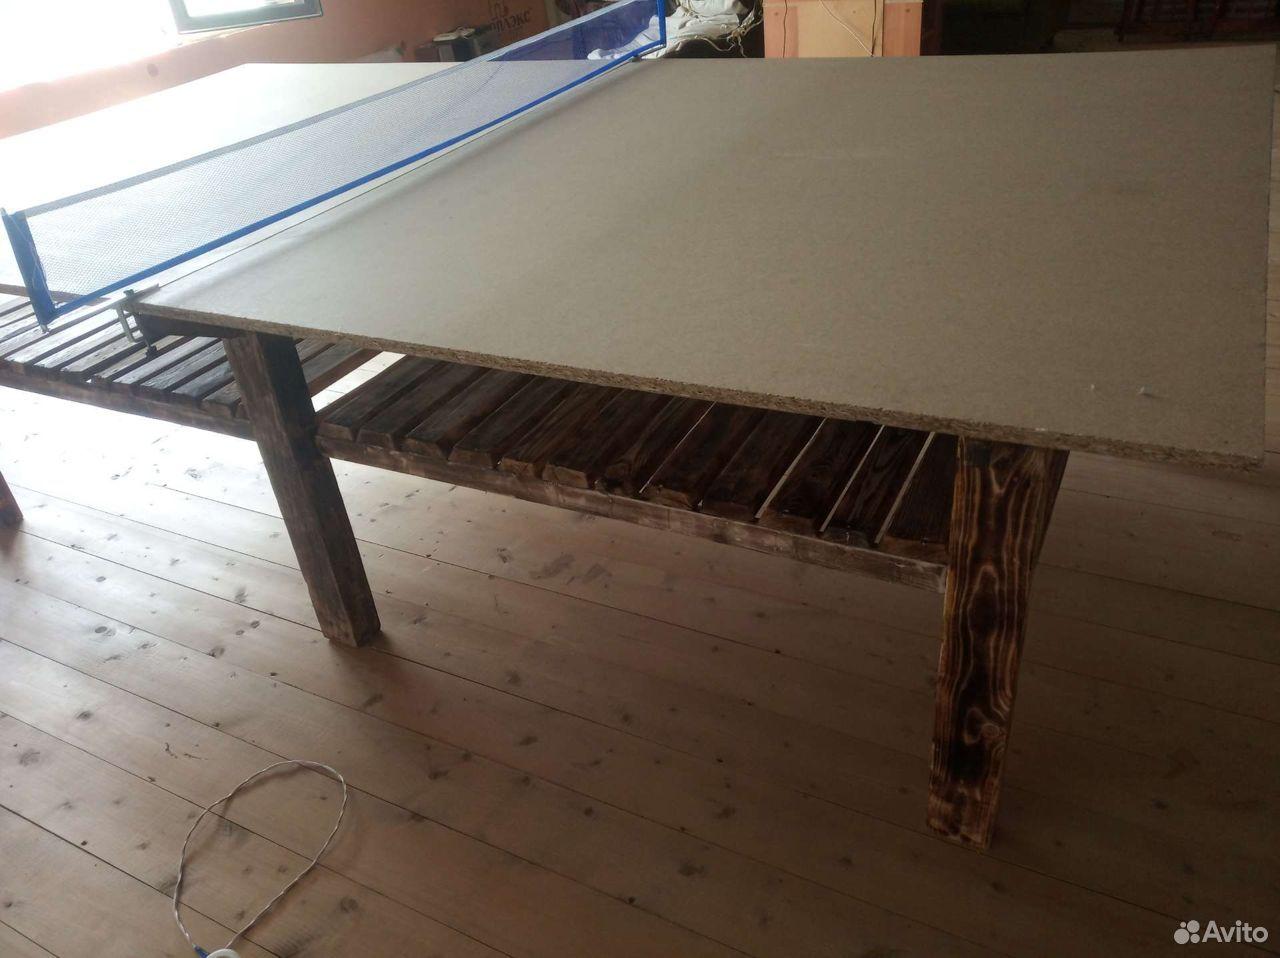 Теннисный стол из массива дерева  89289277679 купить 2